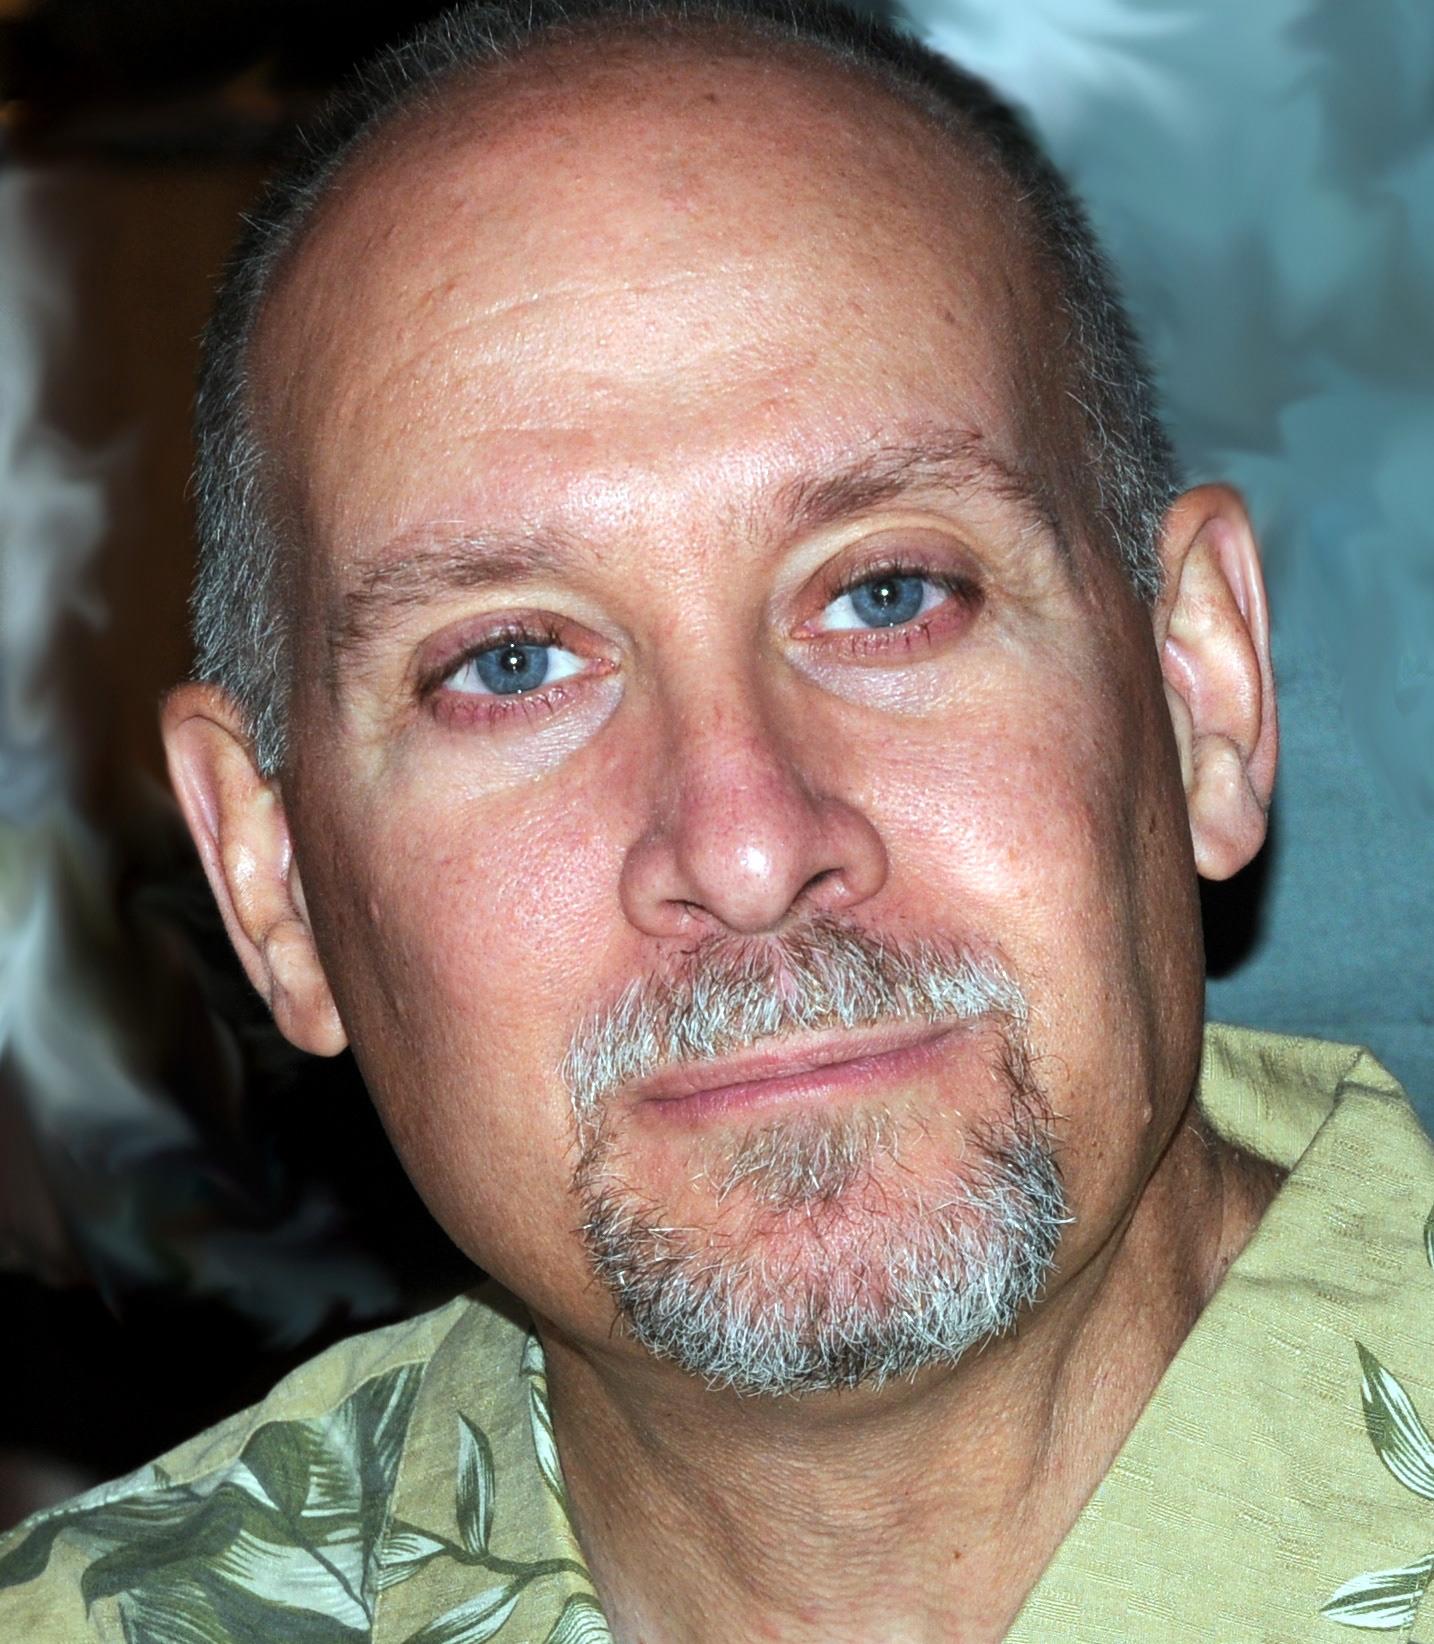 Anthony Merritt